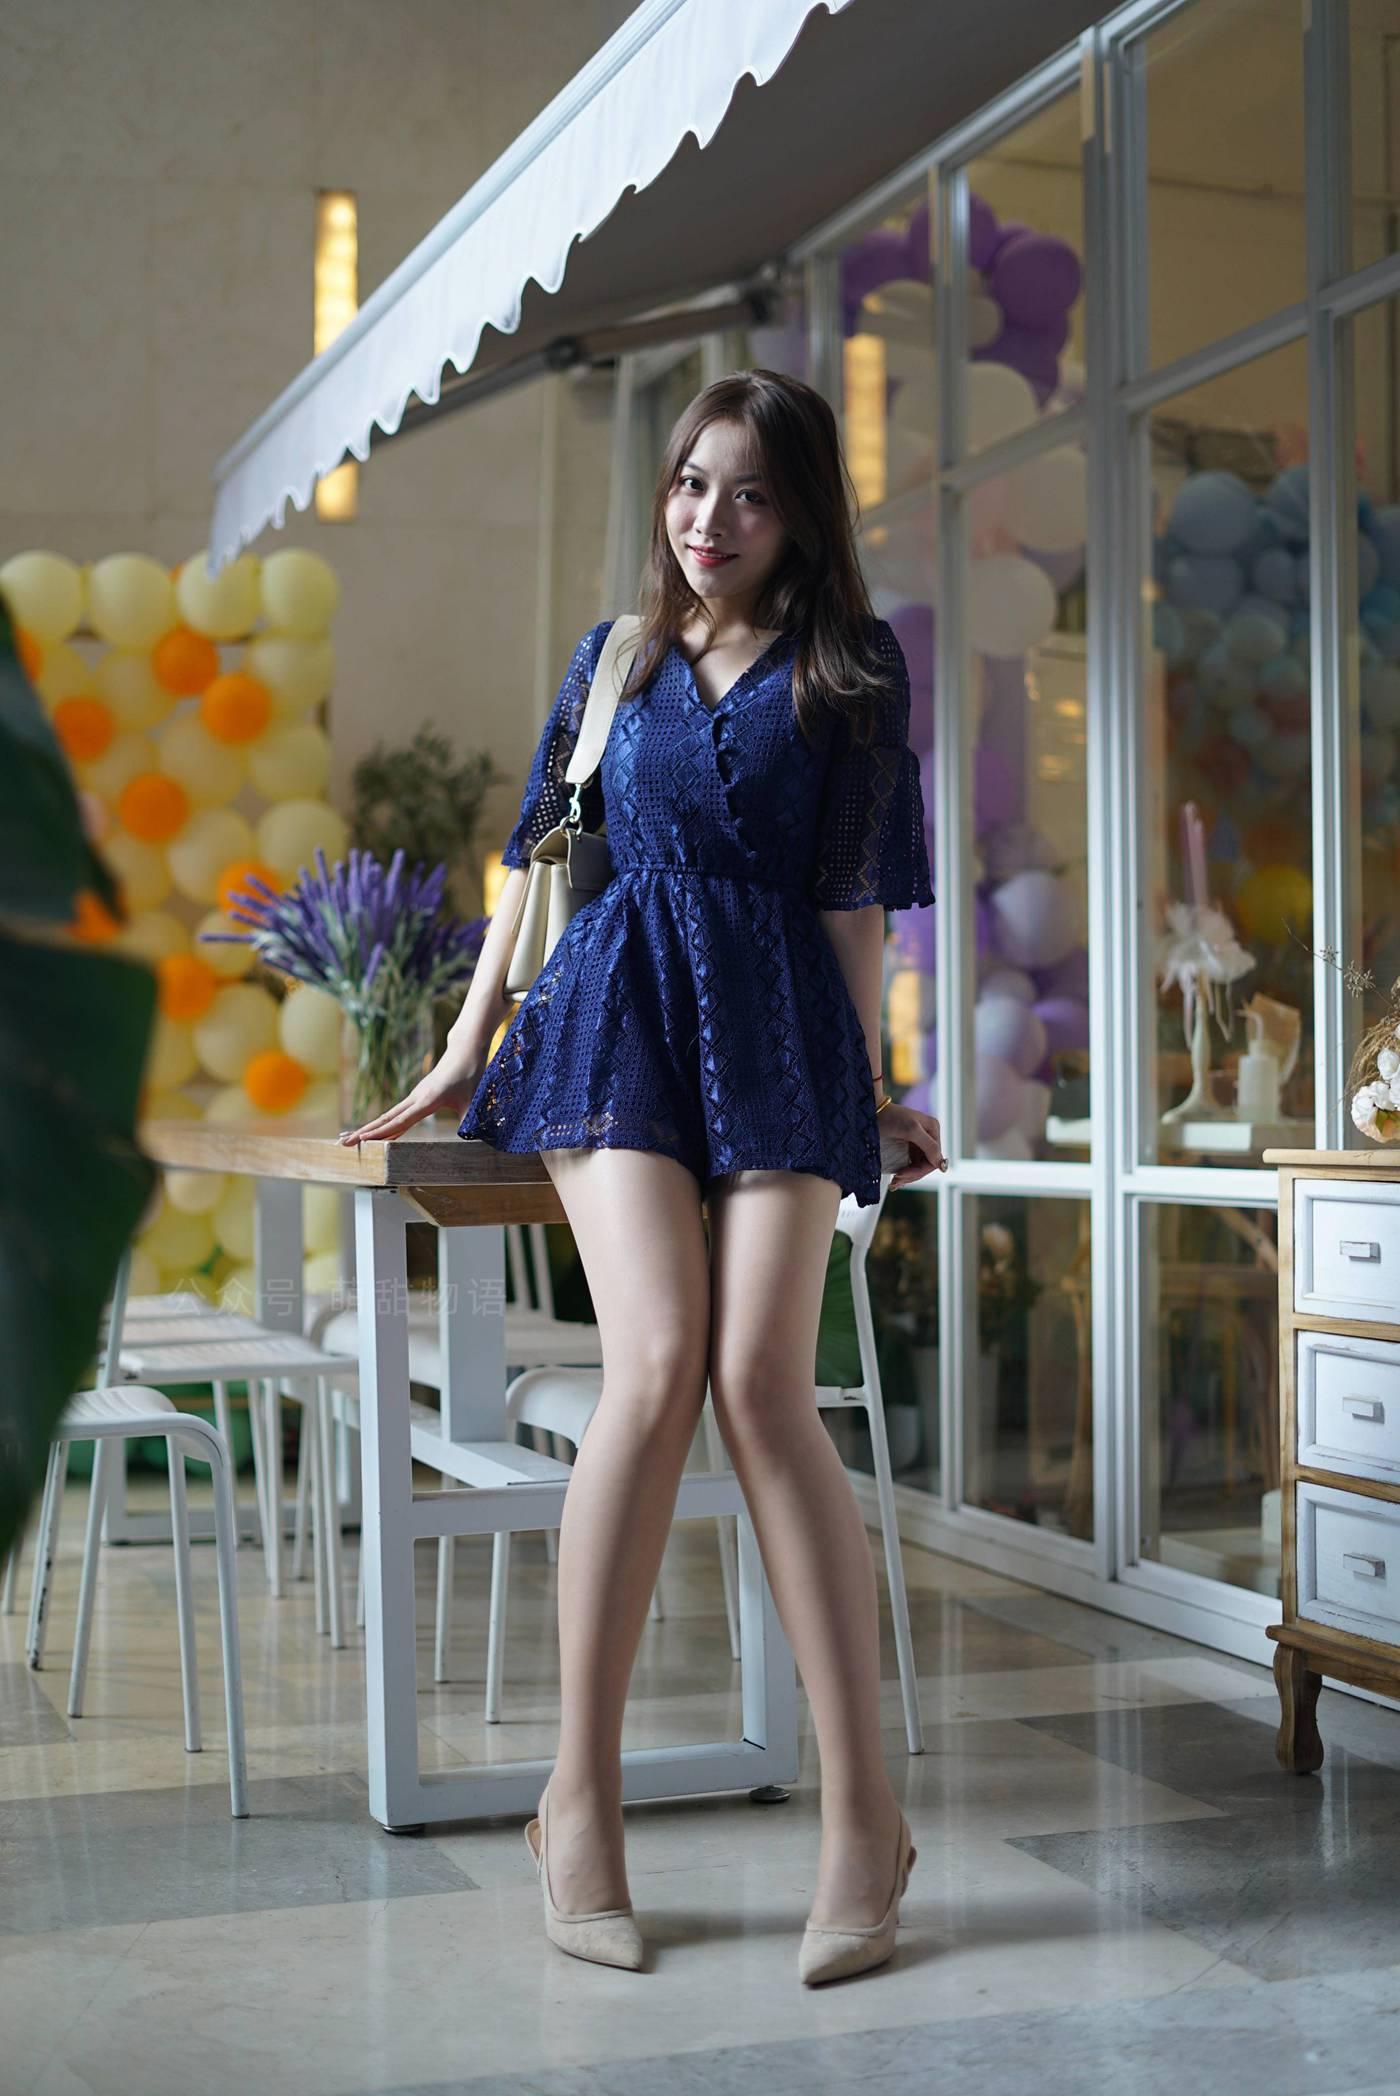 [萌甜物语]XM108《令人欣怡的蓝裙子-欣怡》[64P]